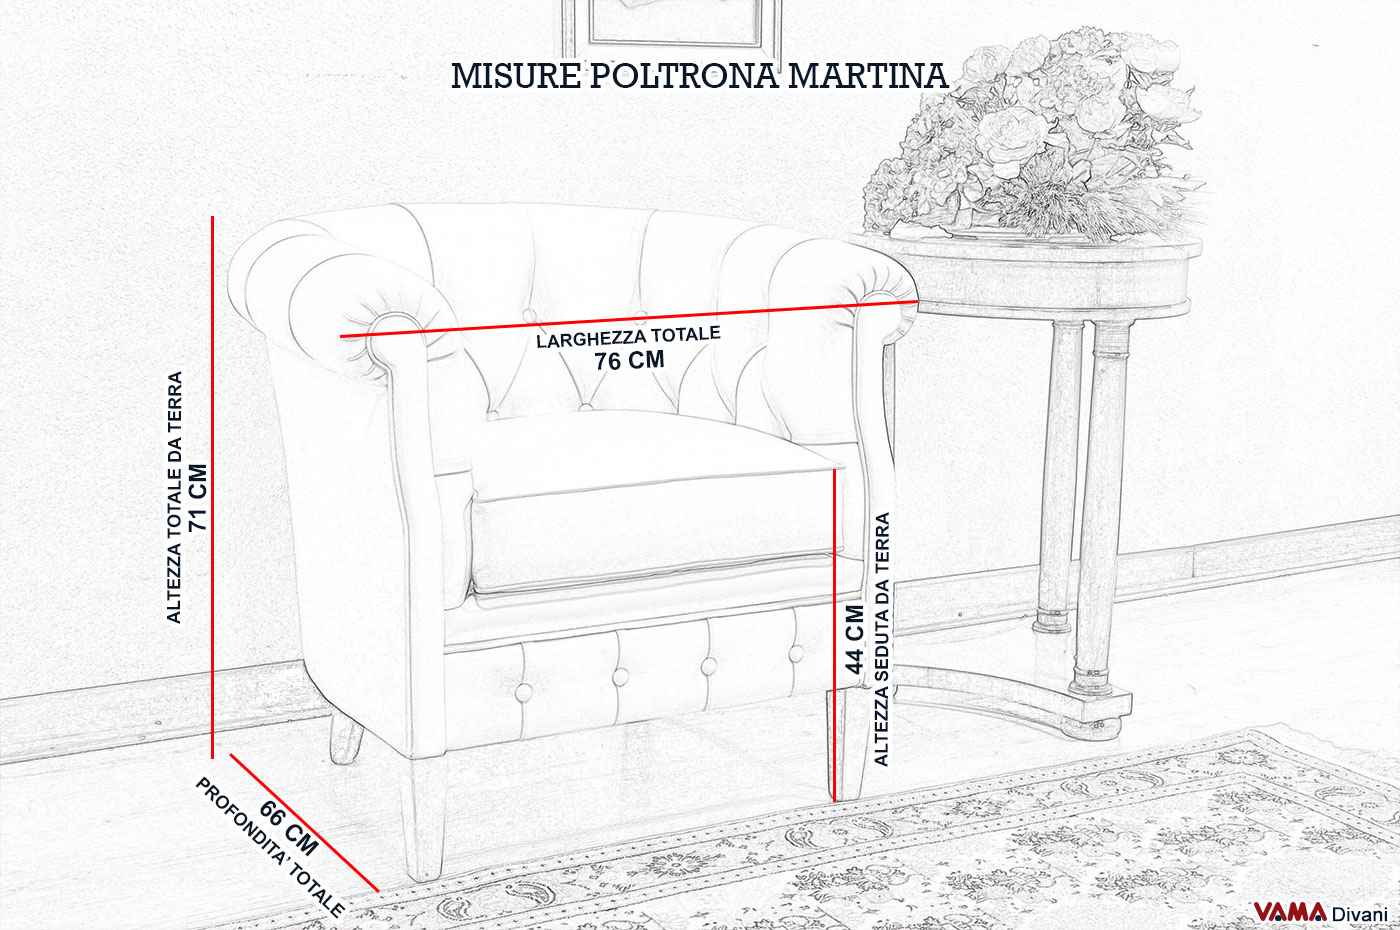 Poltroncina per camera da letto classica prezzi e misure - Misure camera da letto matrimoniale ...